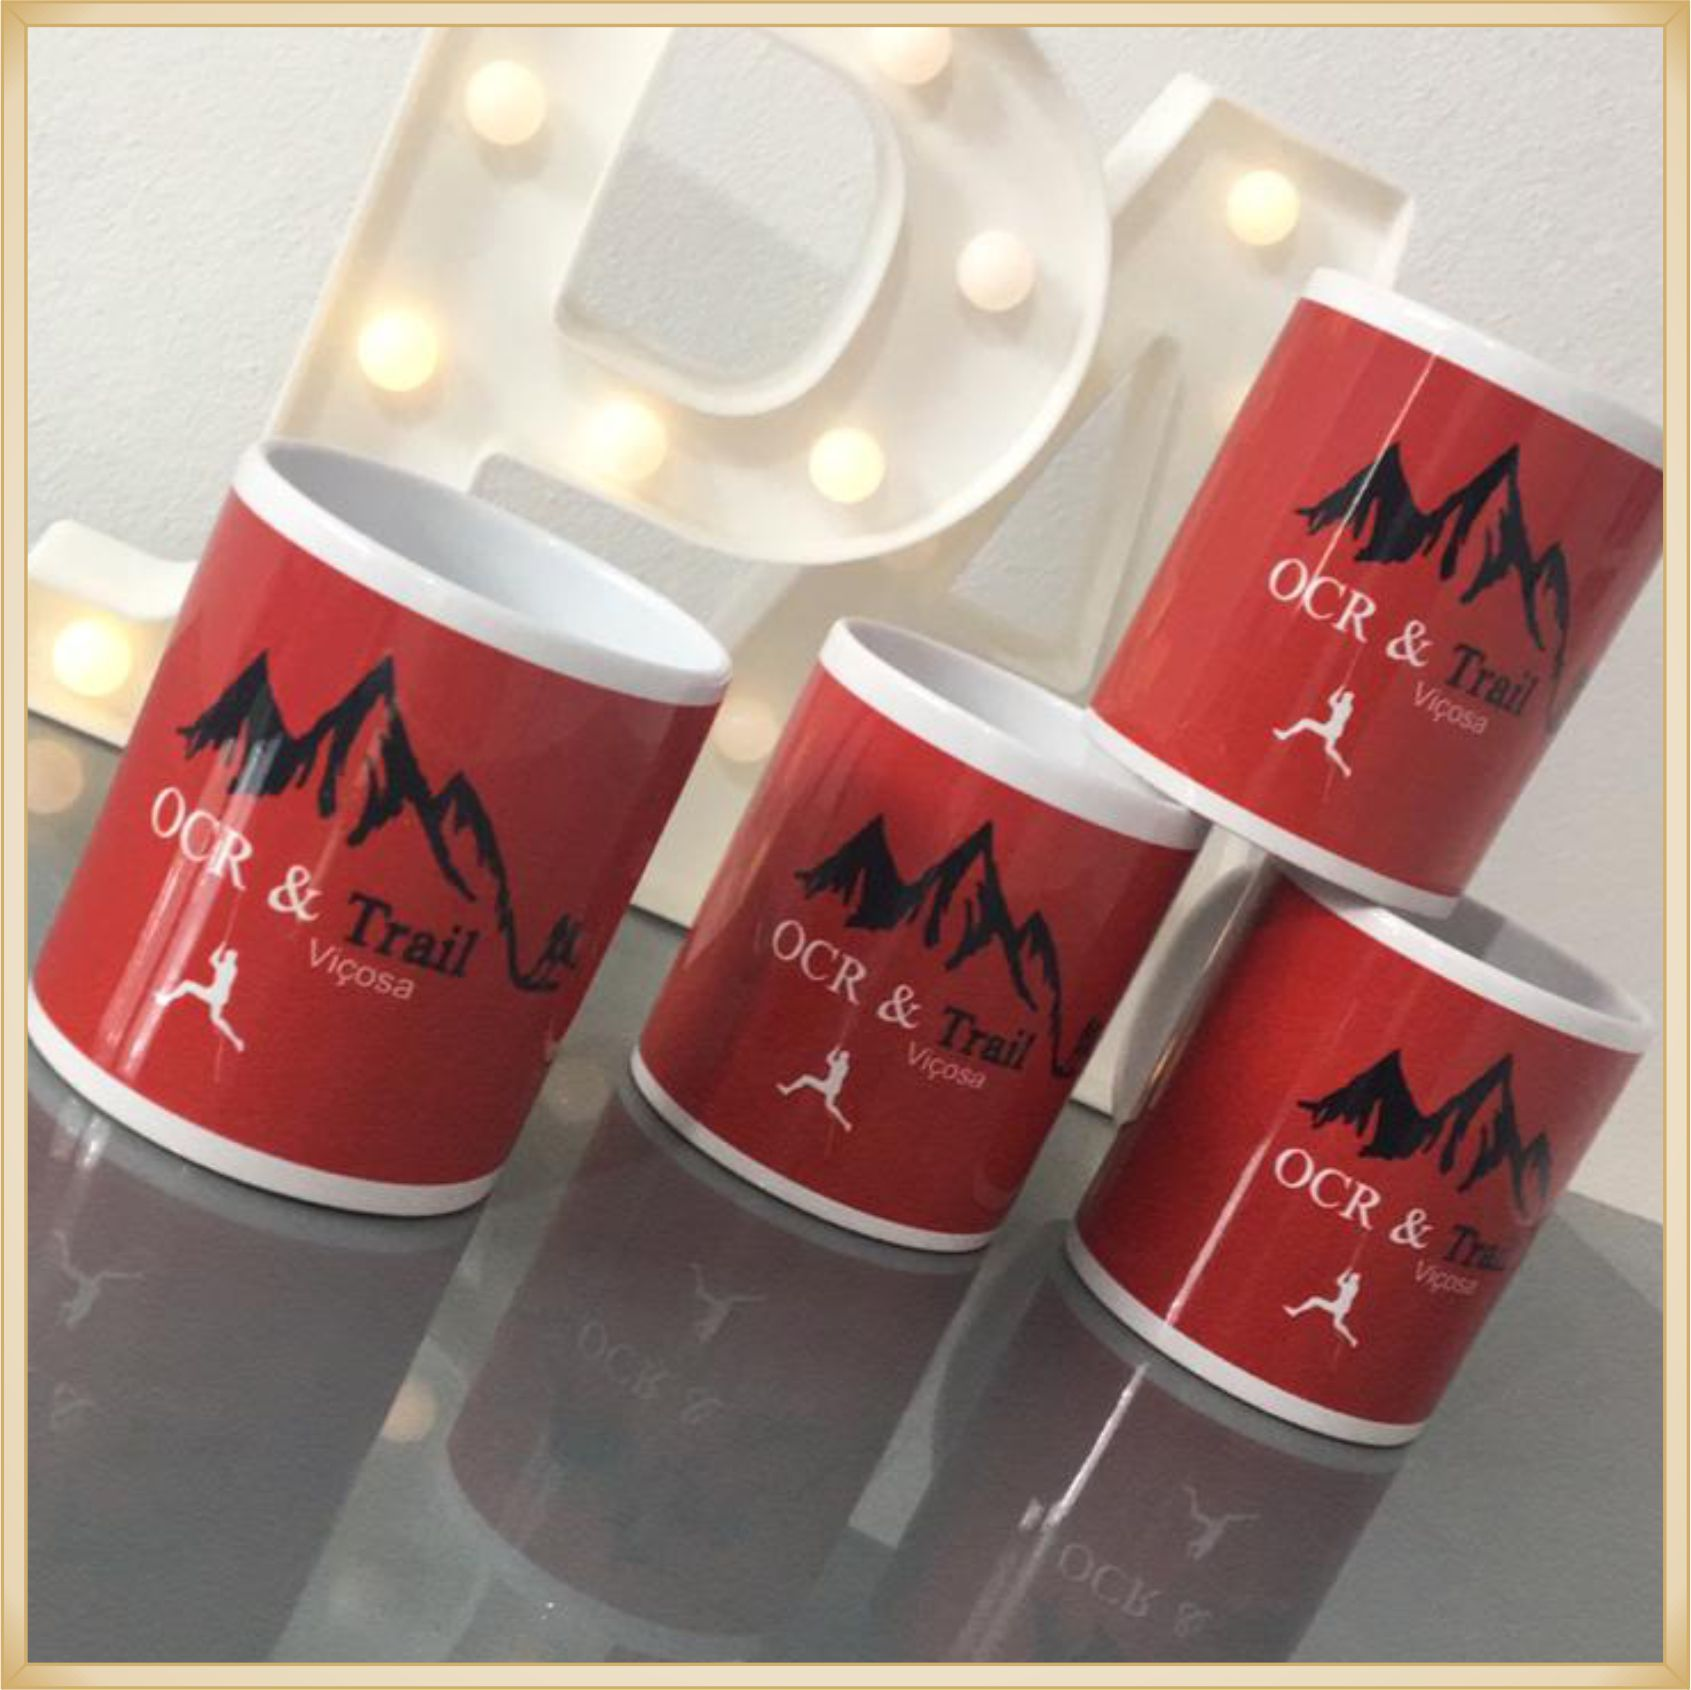 Canecas de porcelana personalizadas - estampa de alta qualidade, cores vivas, acabamento perfeito, alças confortáveis, 325 ml. - kit com 25 unidades